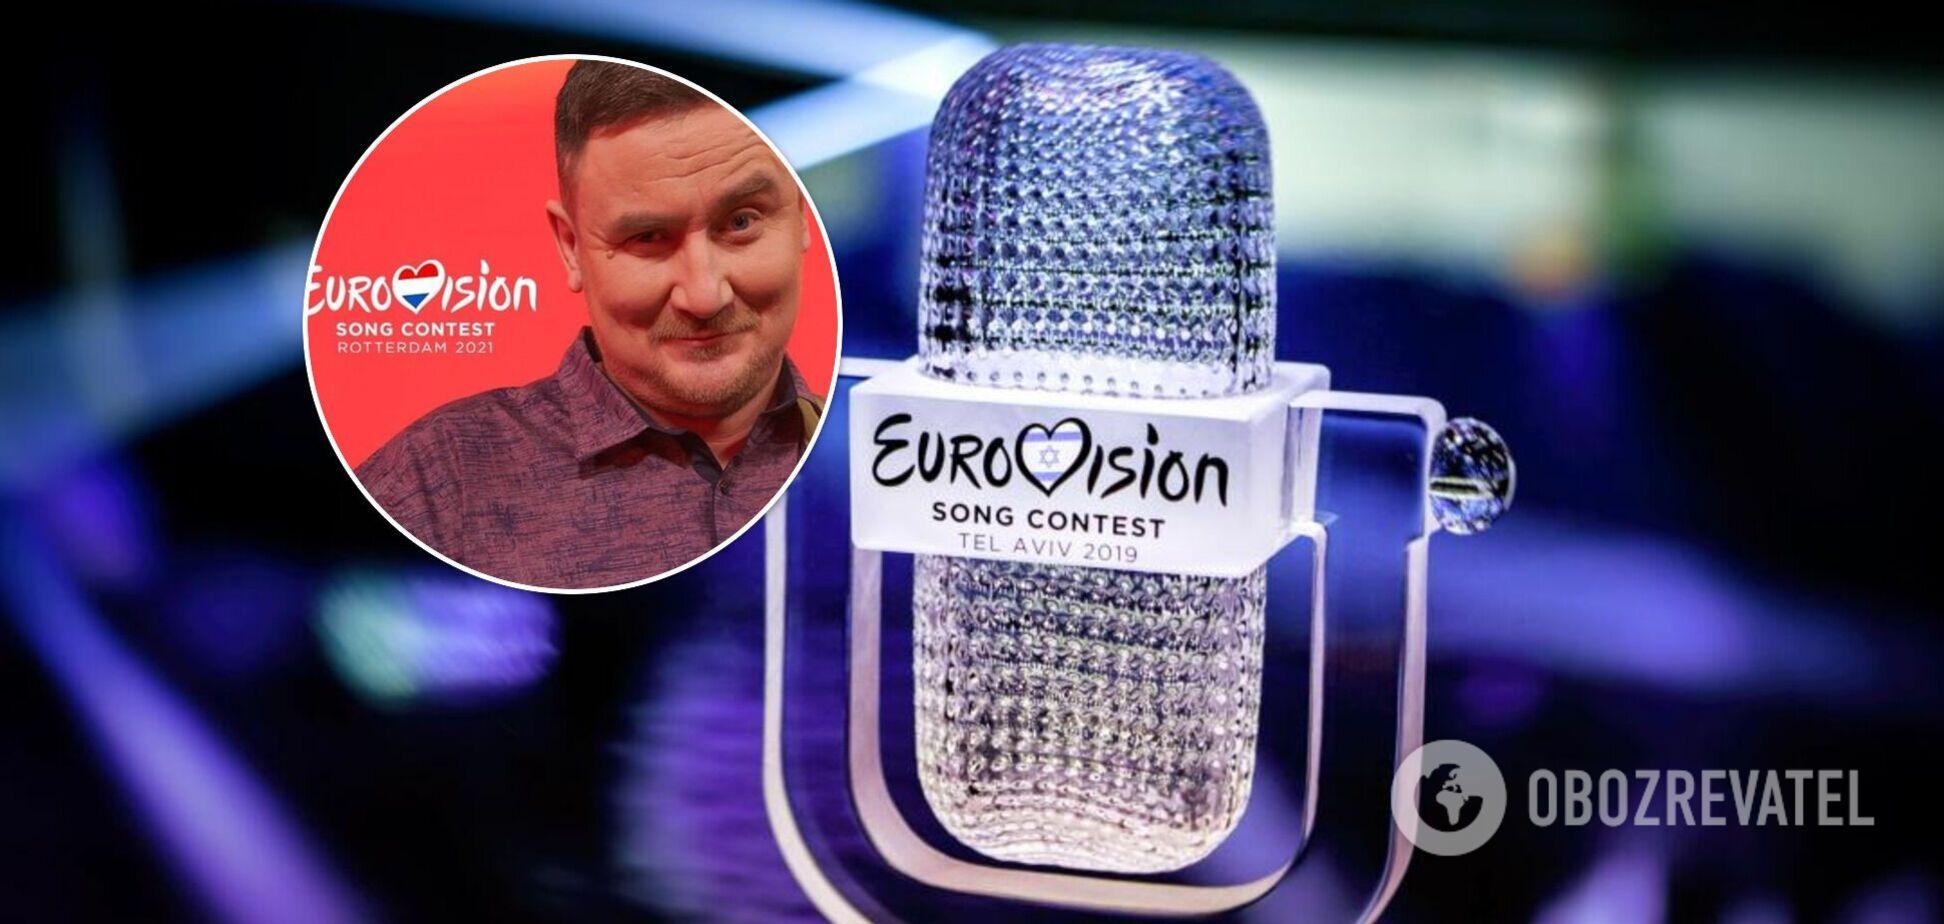 Беларусь отстранили от участия в 'Евровидении'